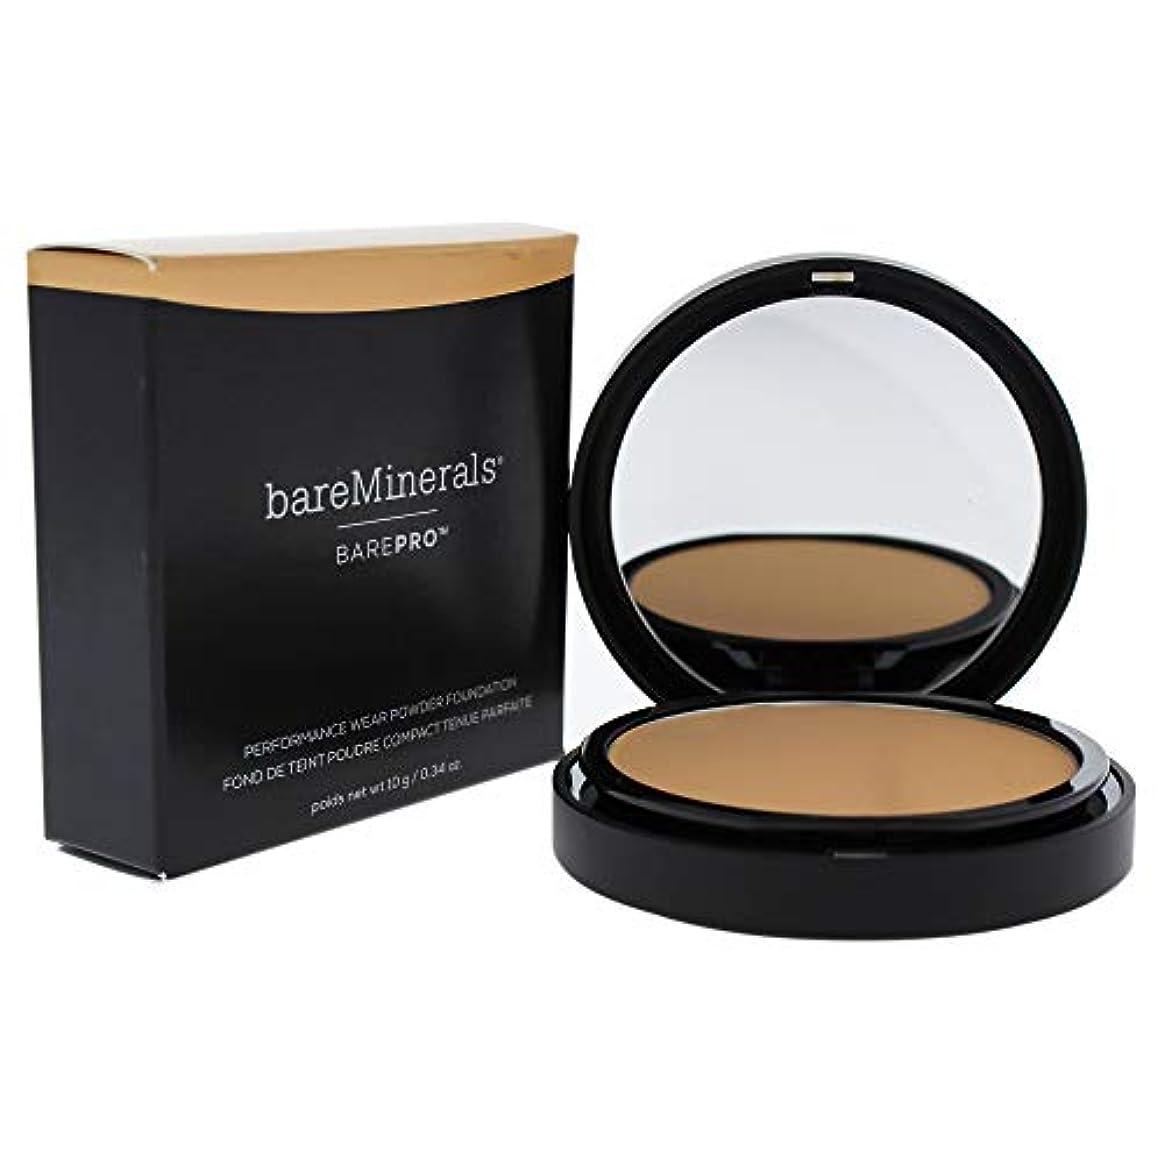 遠足ここに素晴らしいベアミネラル BarePro Performance Wear Powder Foundation - # 13 Golden Nude 10g/0.34oz並行輸入品